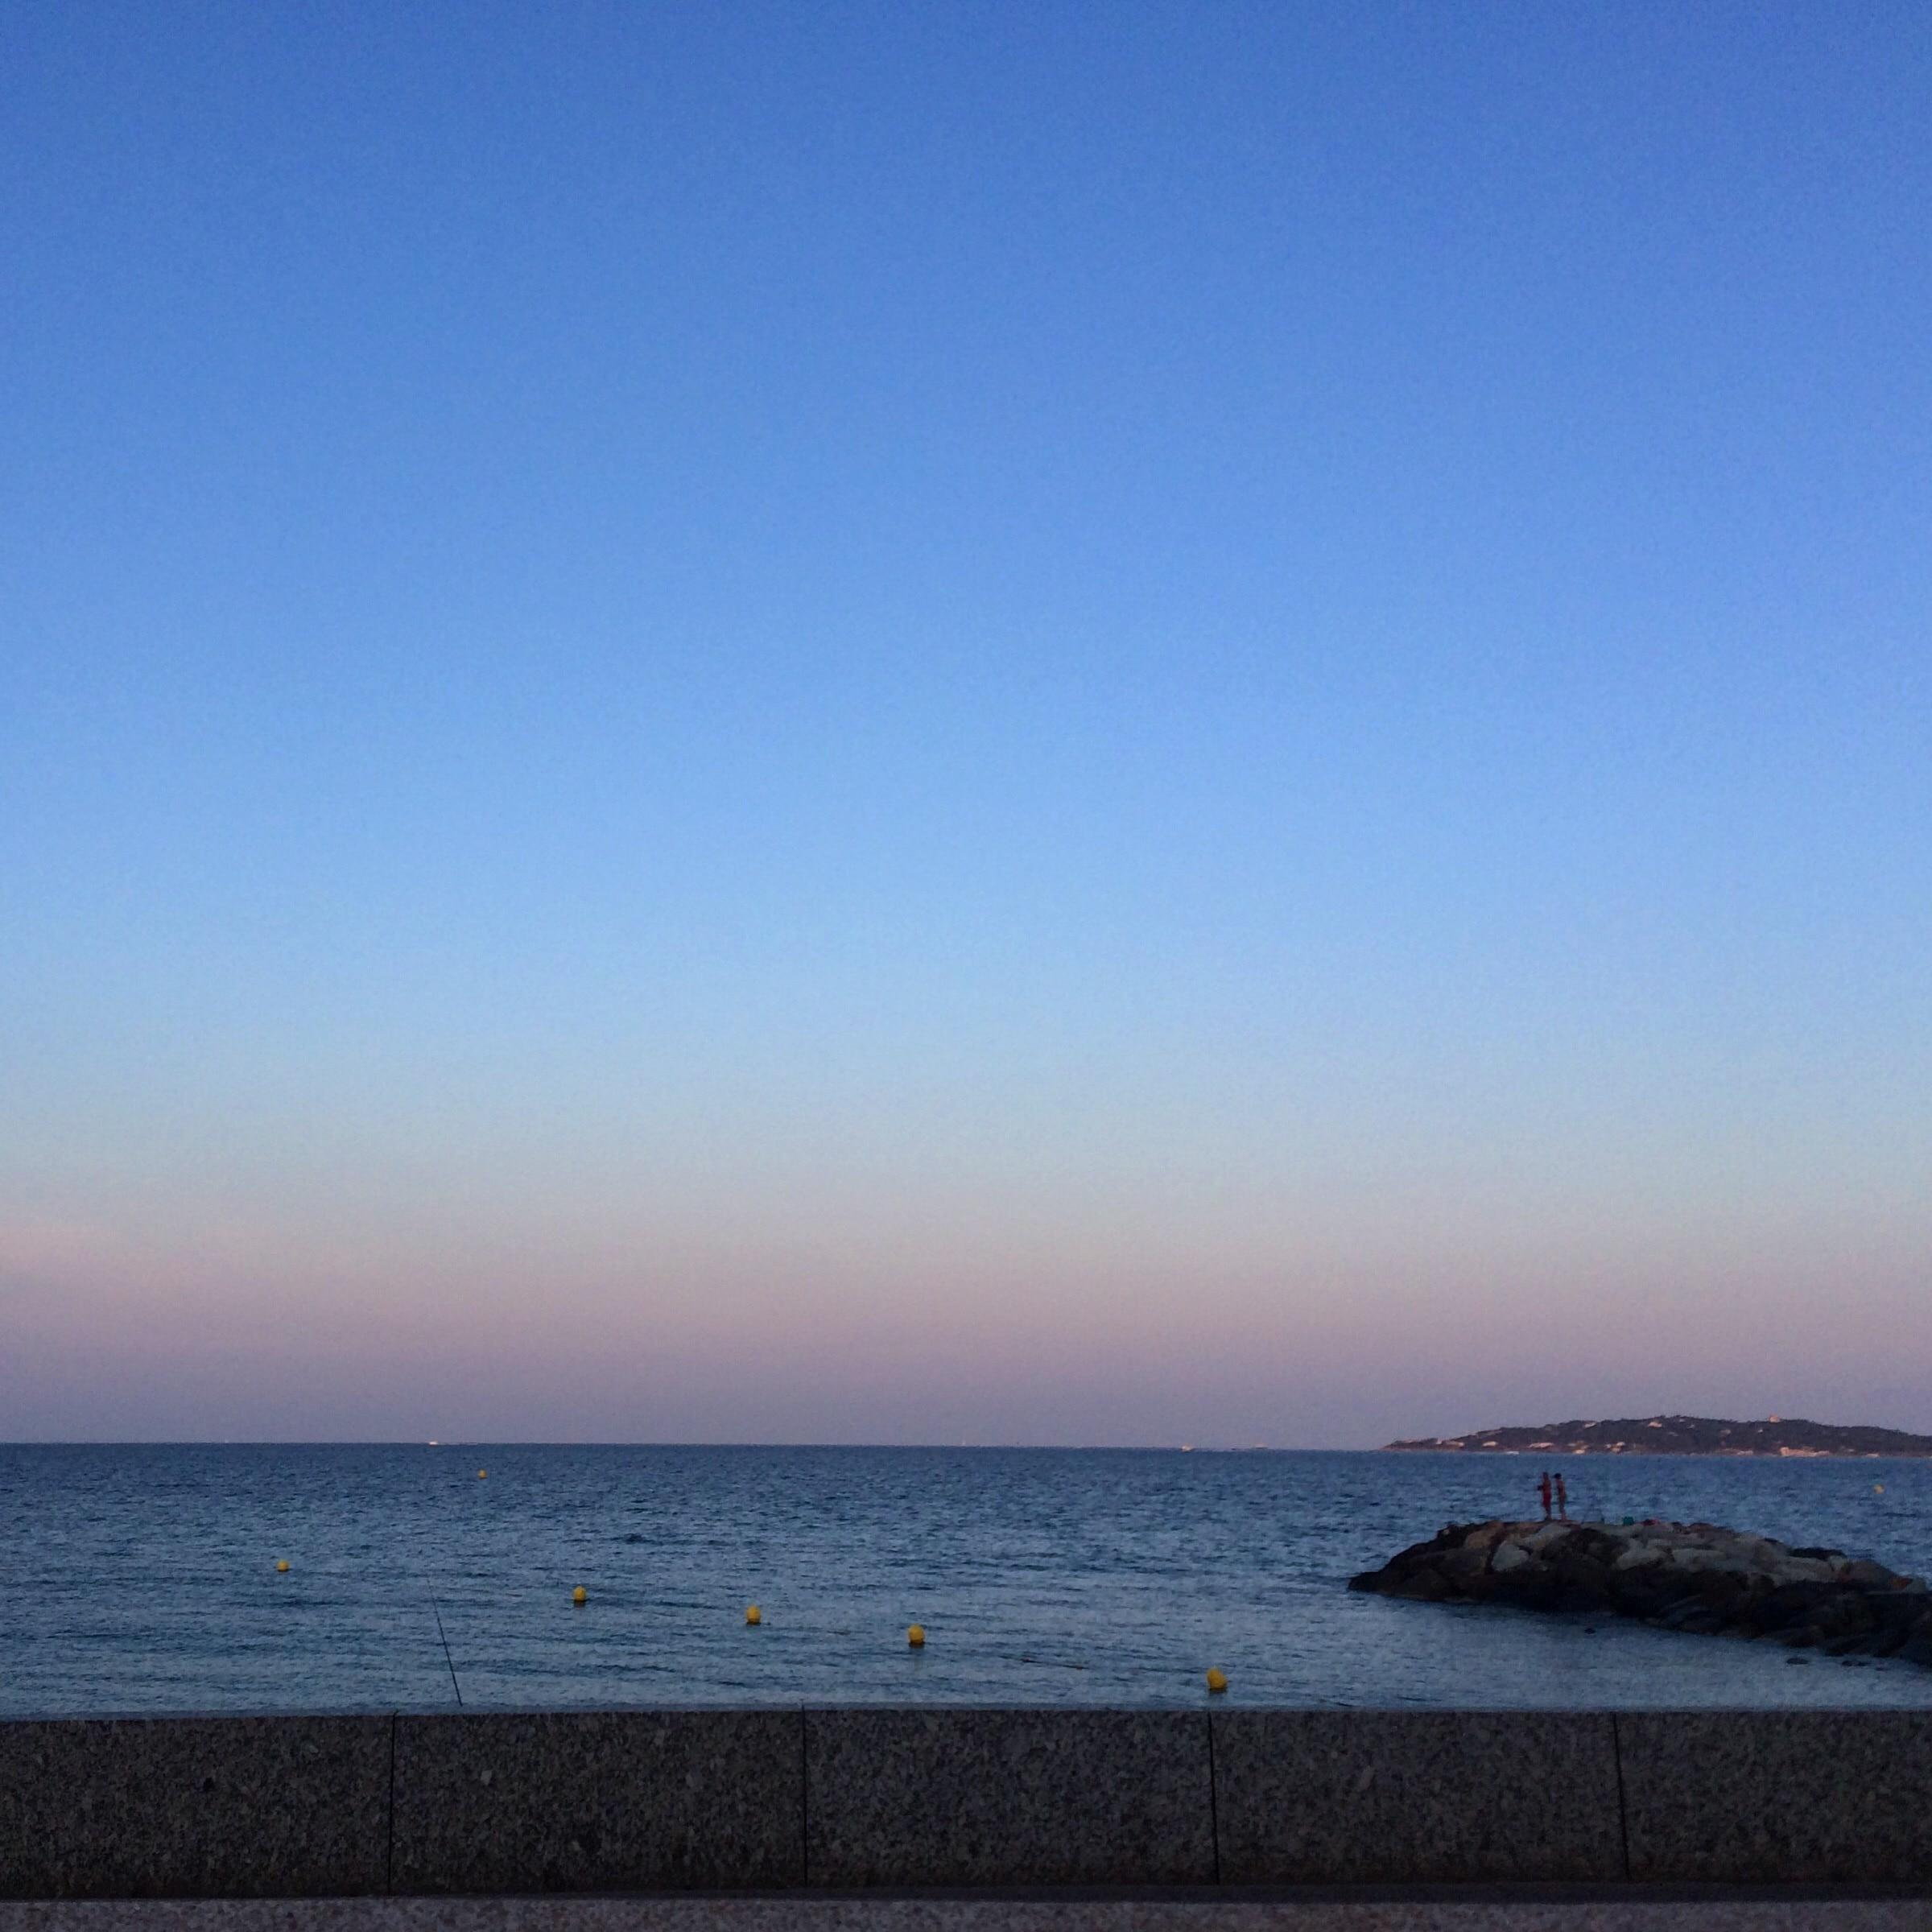 La Croisette Beach, Sainte-Maxime, Var, France